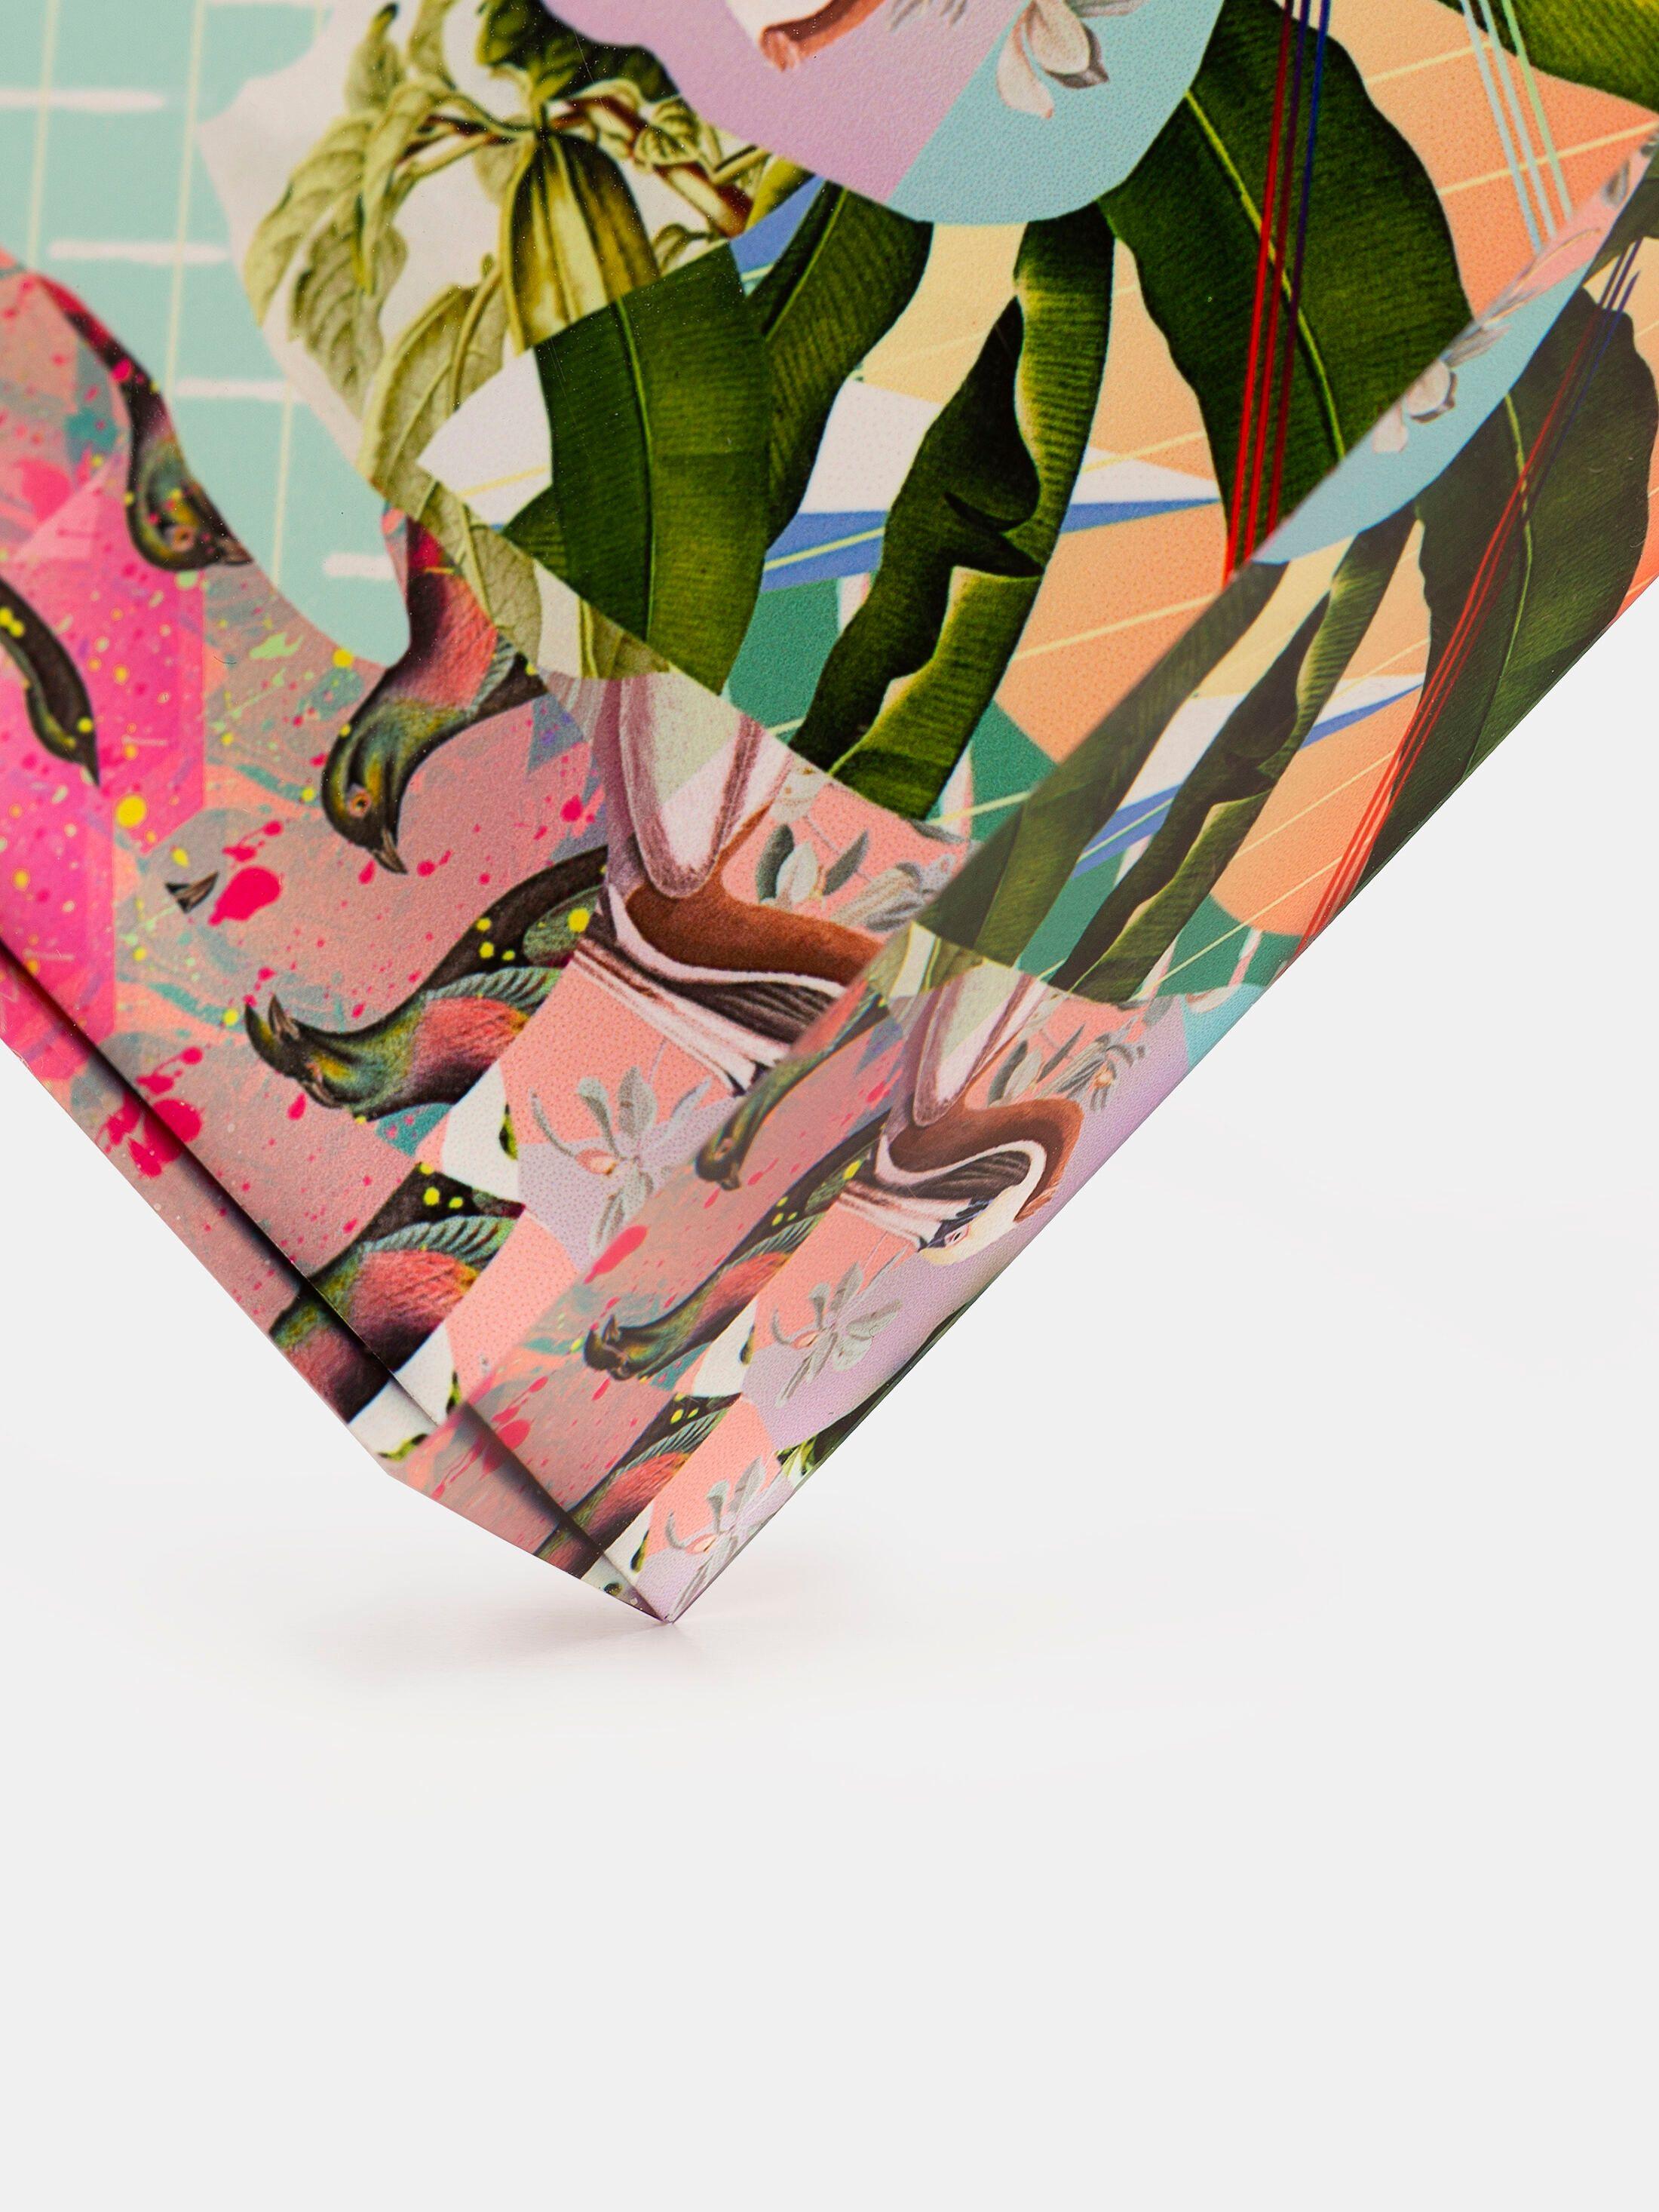 acrylic prints uk